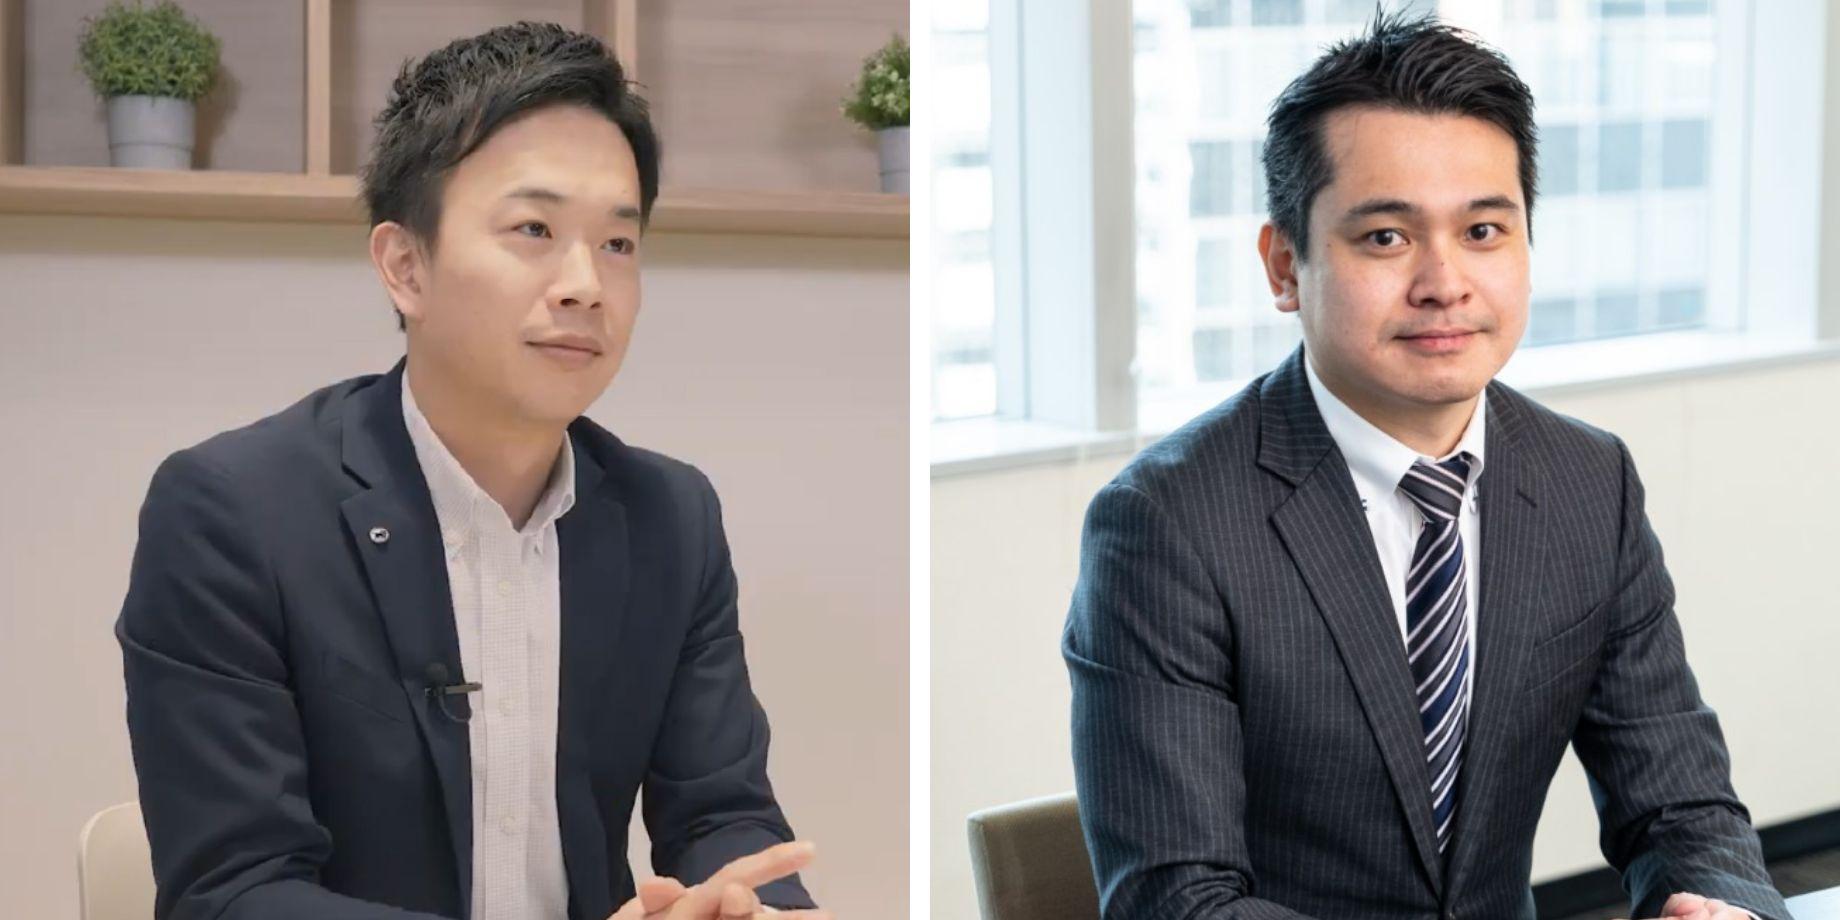 ヤマト運輸株式会社 川野さま(左)/ ハローライト株式会社 代表取締役 鳥居さま(右)